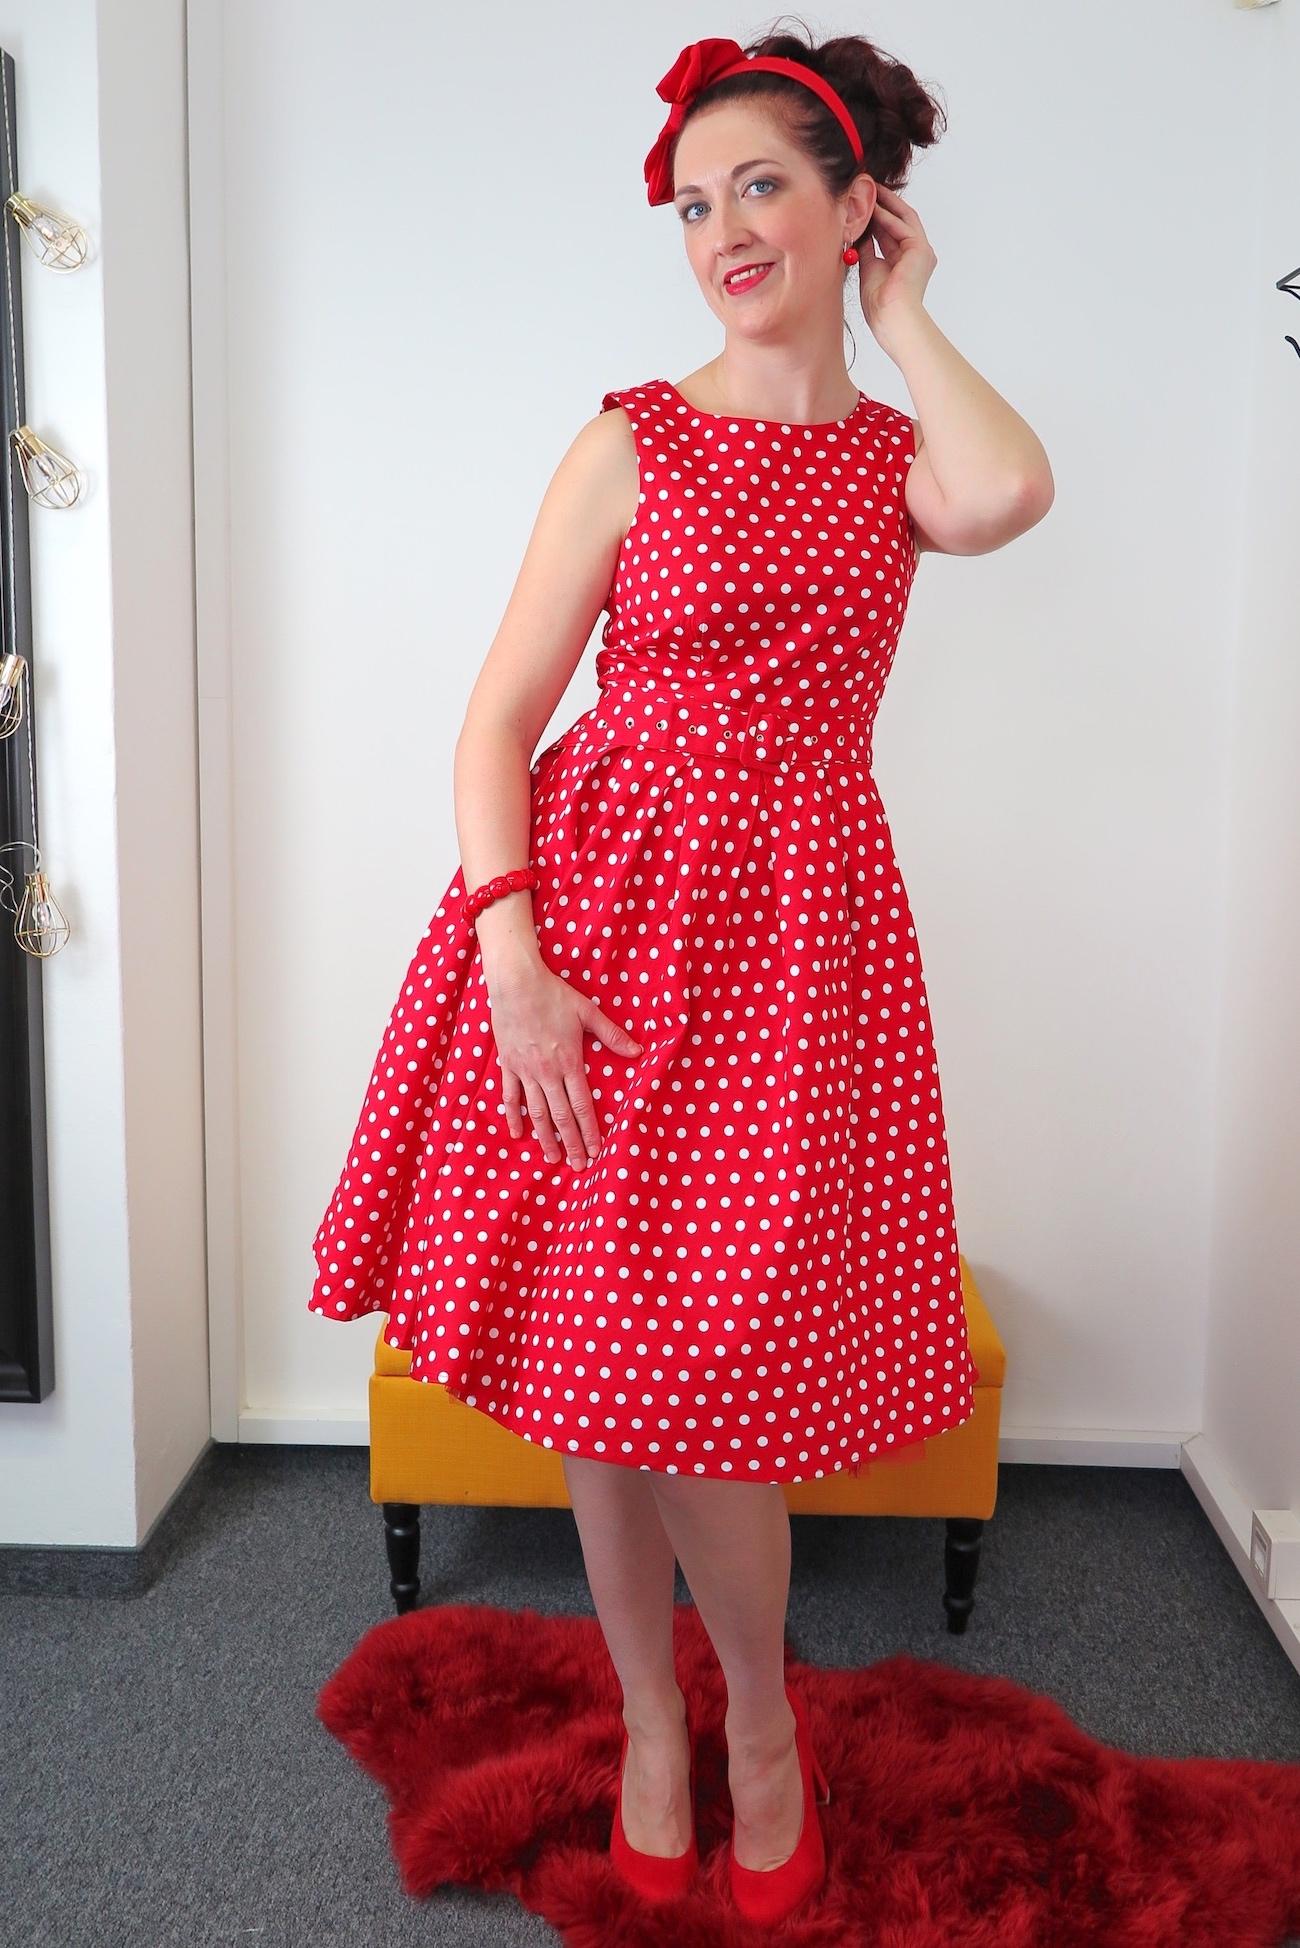 38223e2a8d79 Štylové červené retro šaty s bílýmy puntíky